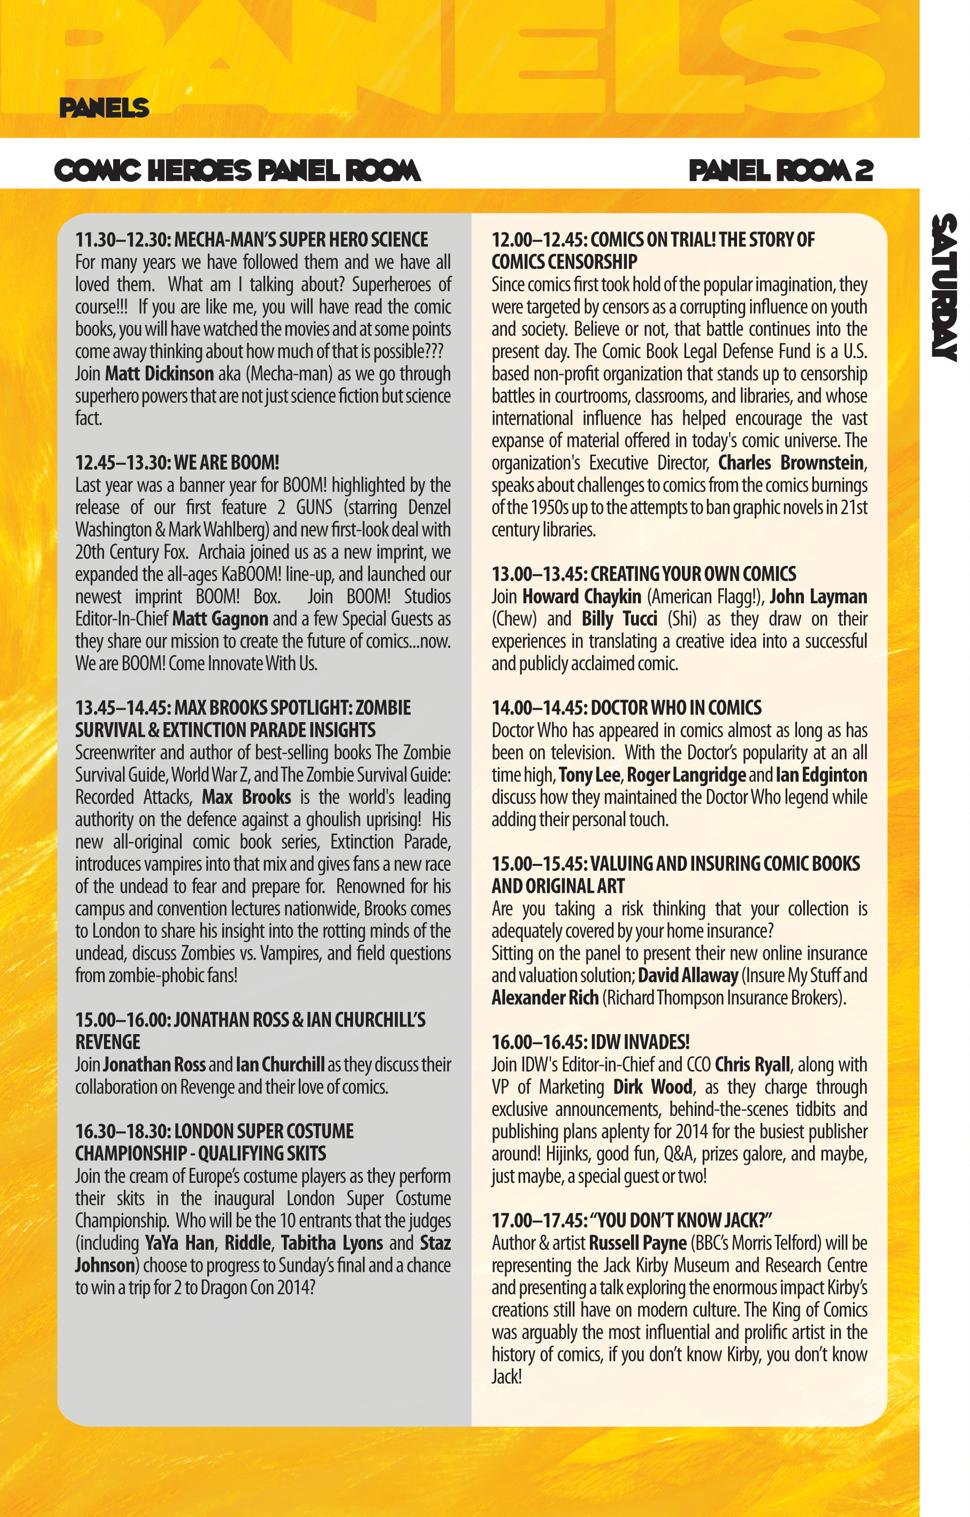 LSCC schedule